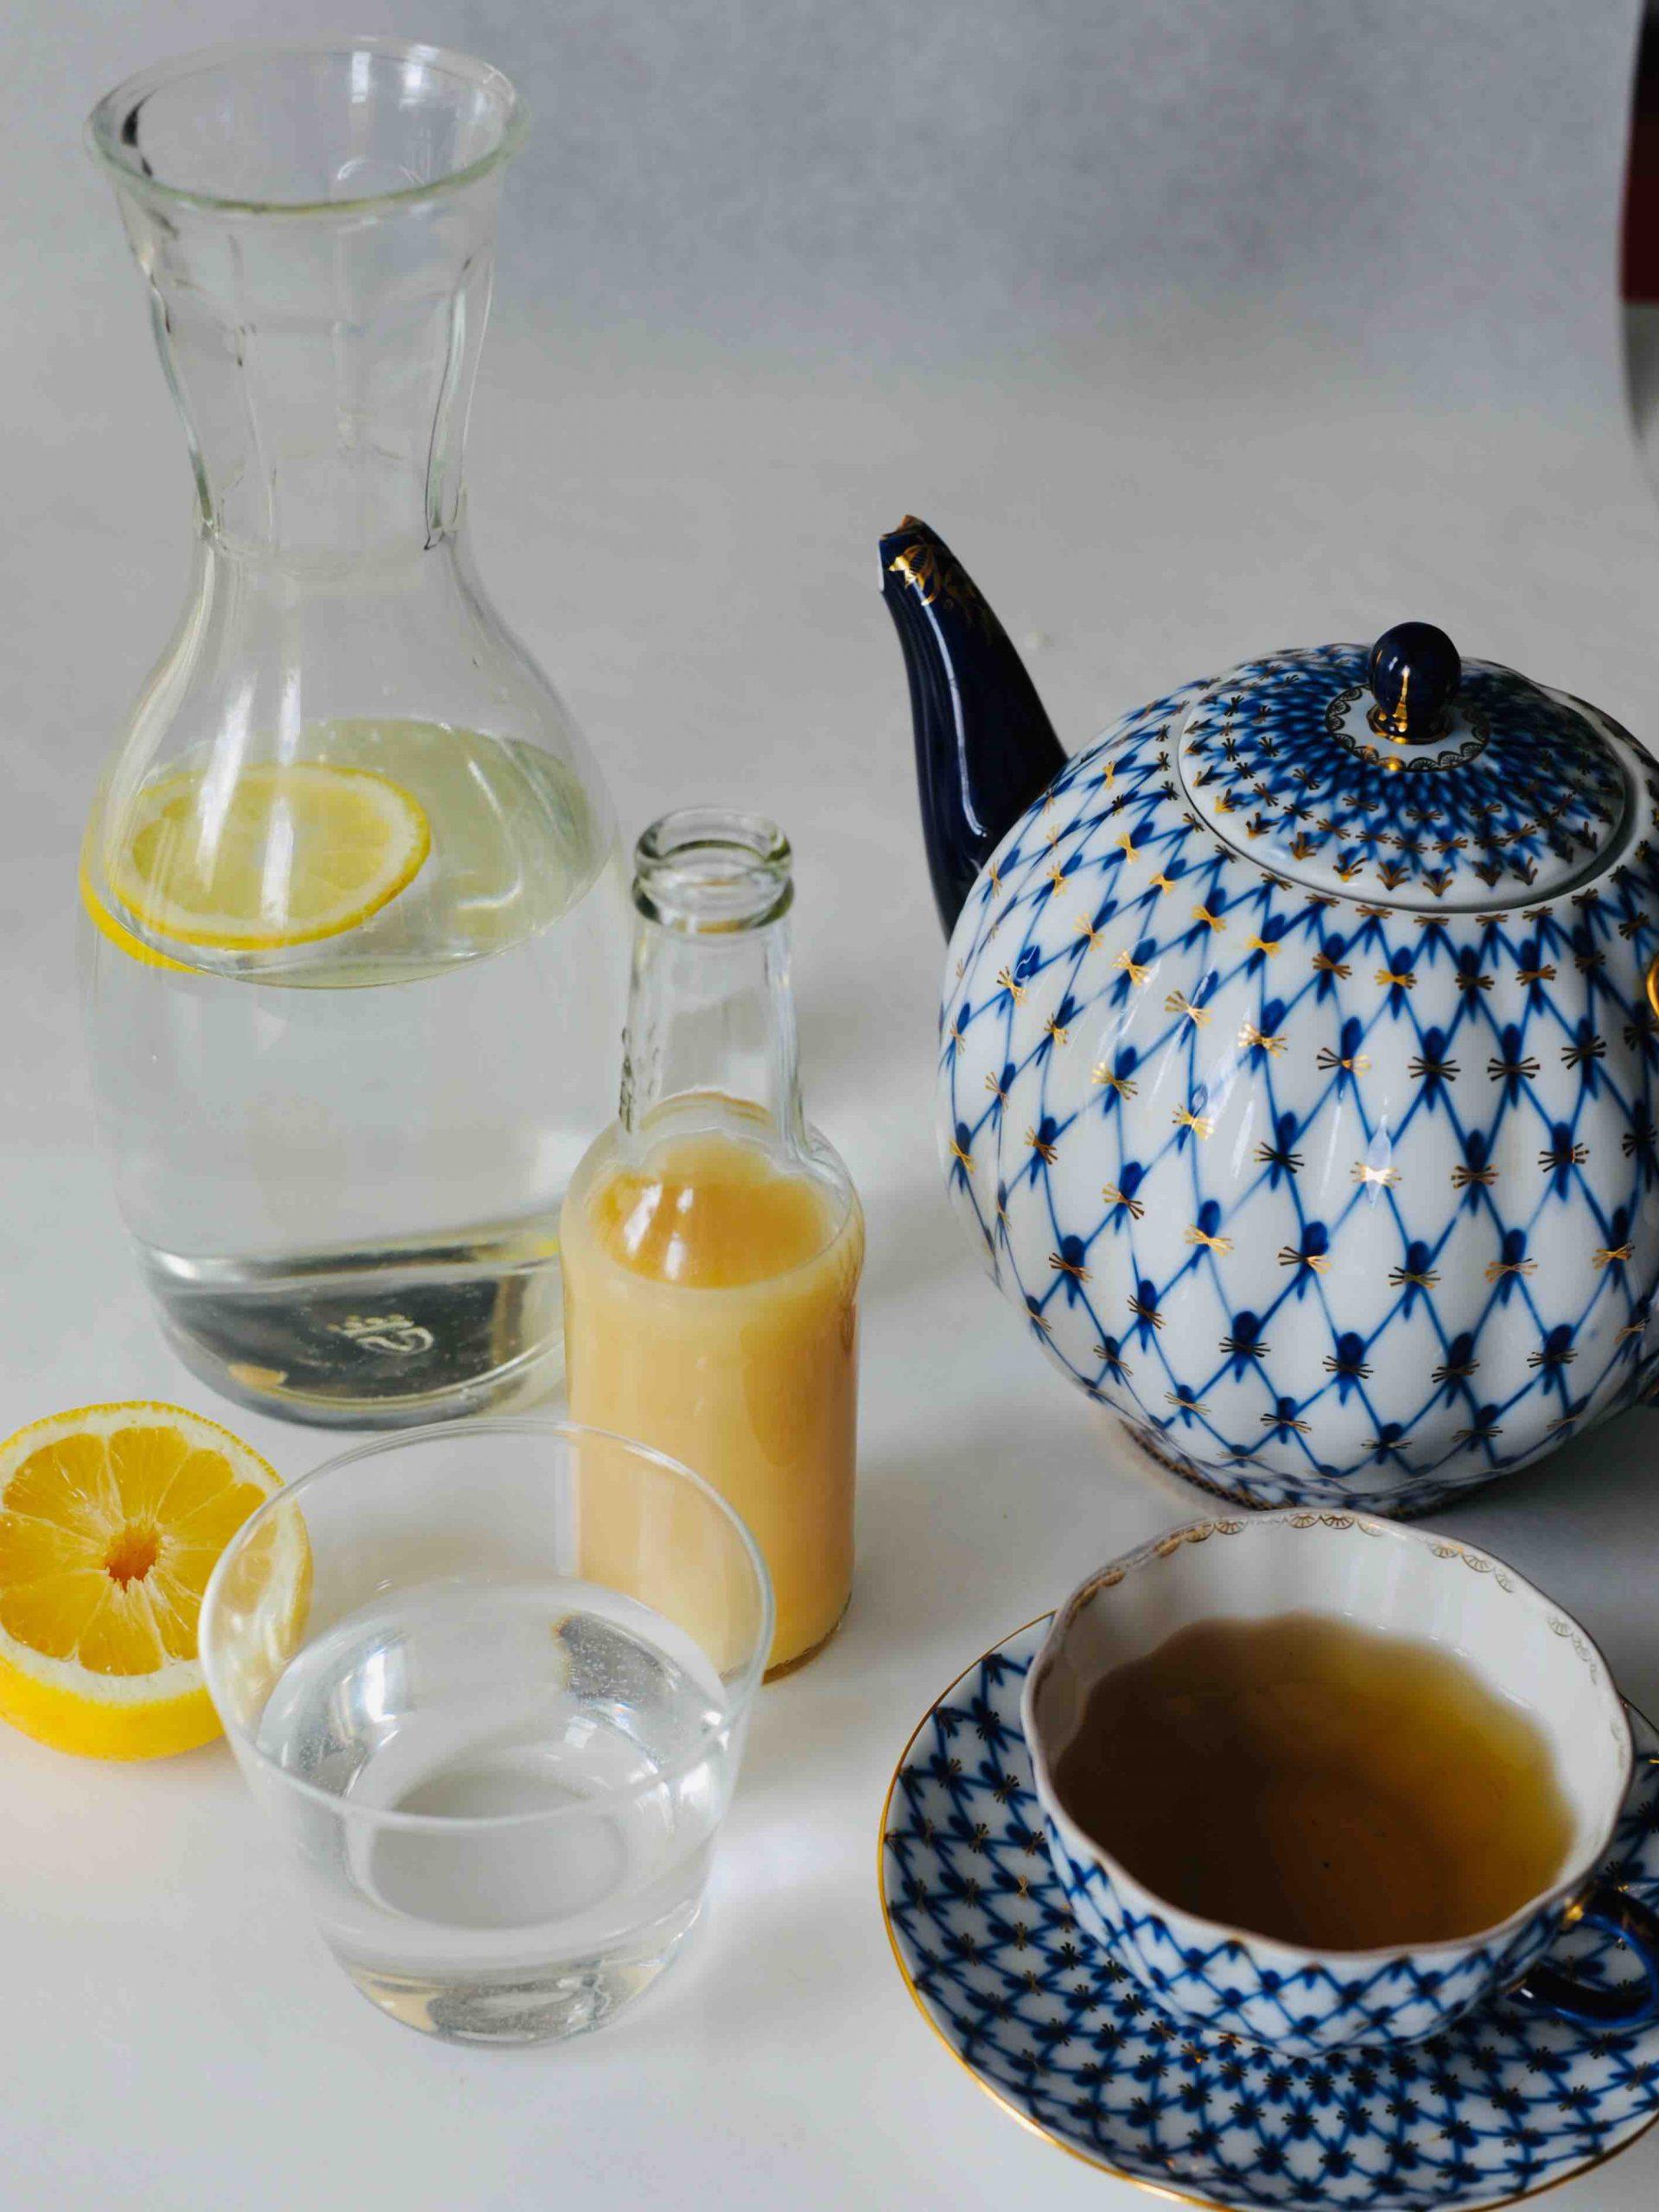 Karaffe mit Zitronenwasser, Bananensaft und Kräutertee gehören zum Heilfasten nach Buchinger.